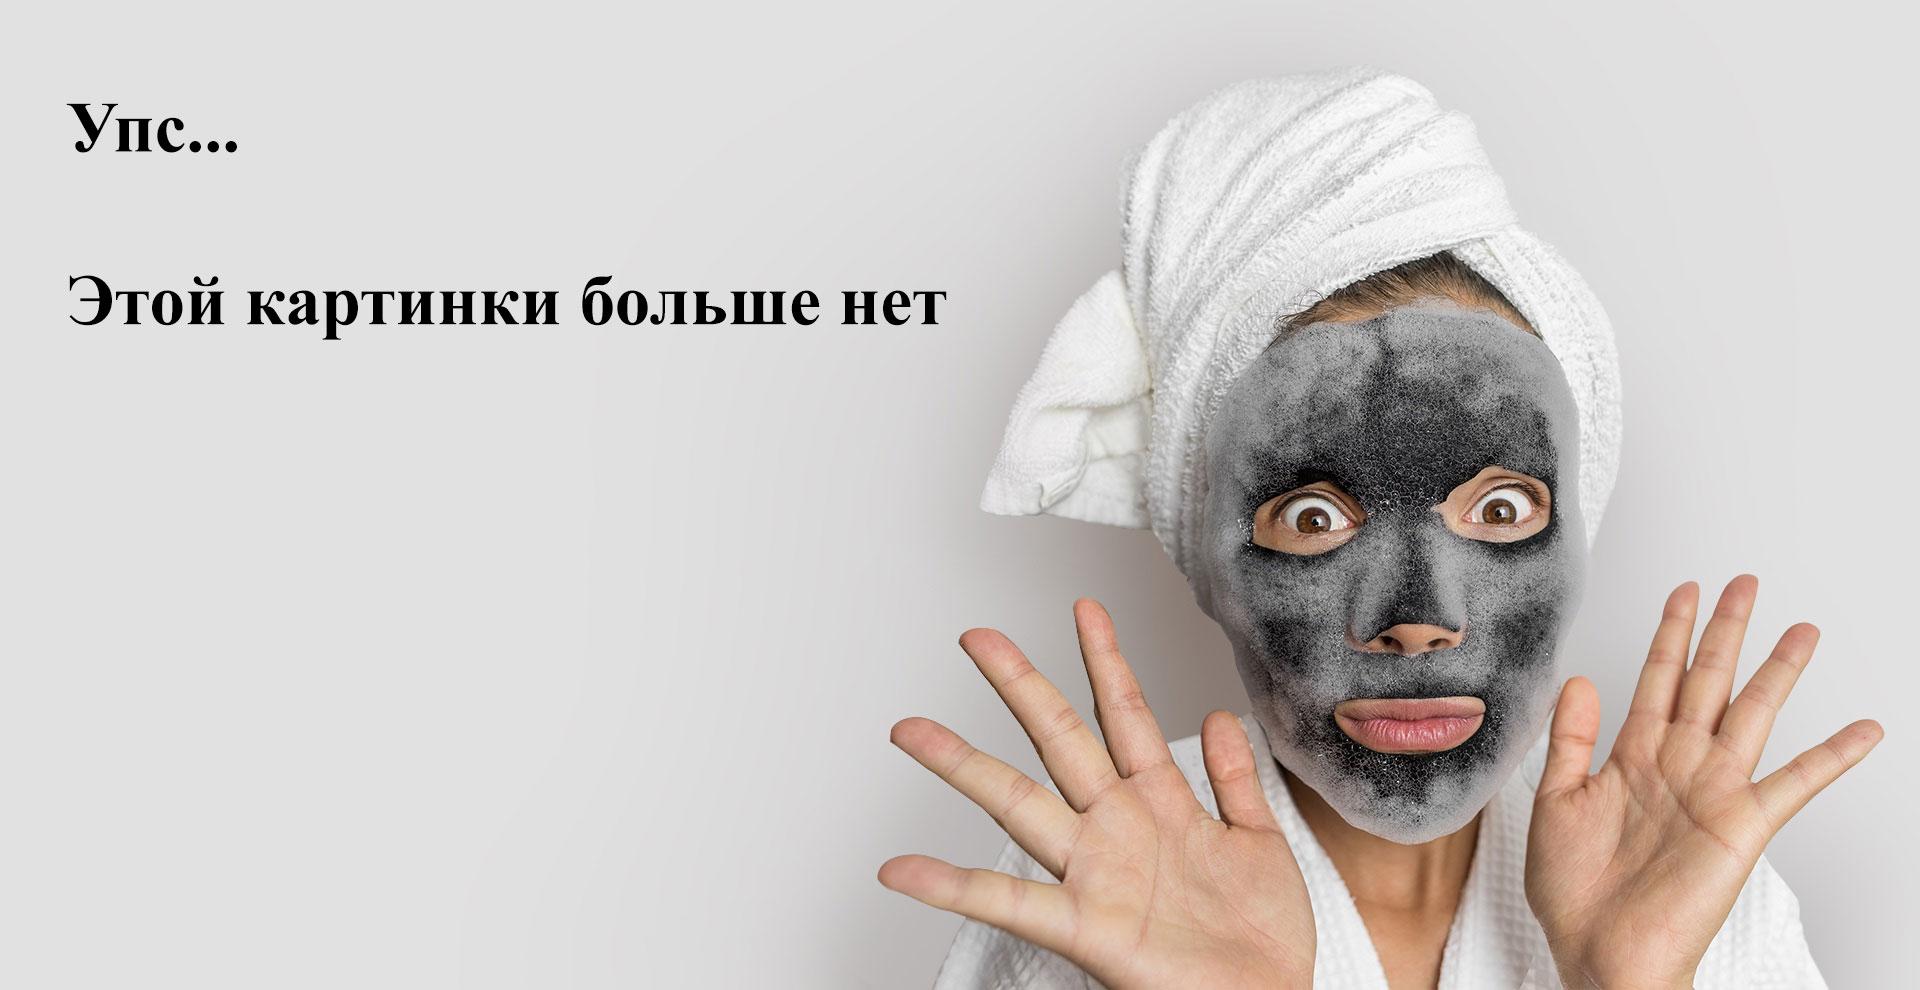 Estel, Блеск-шампунь для волос Vedma, 250 мл